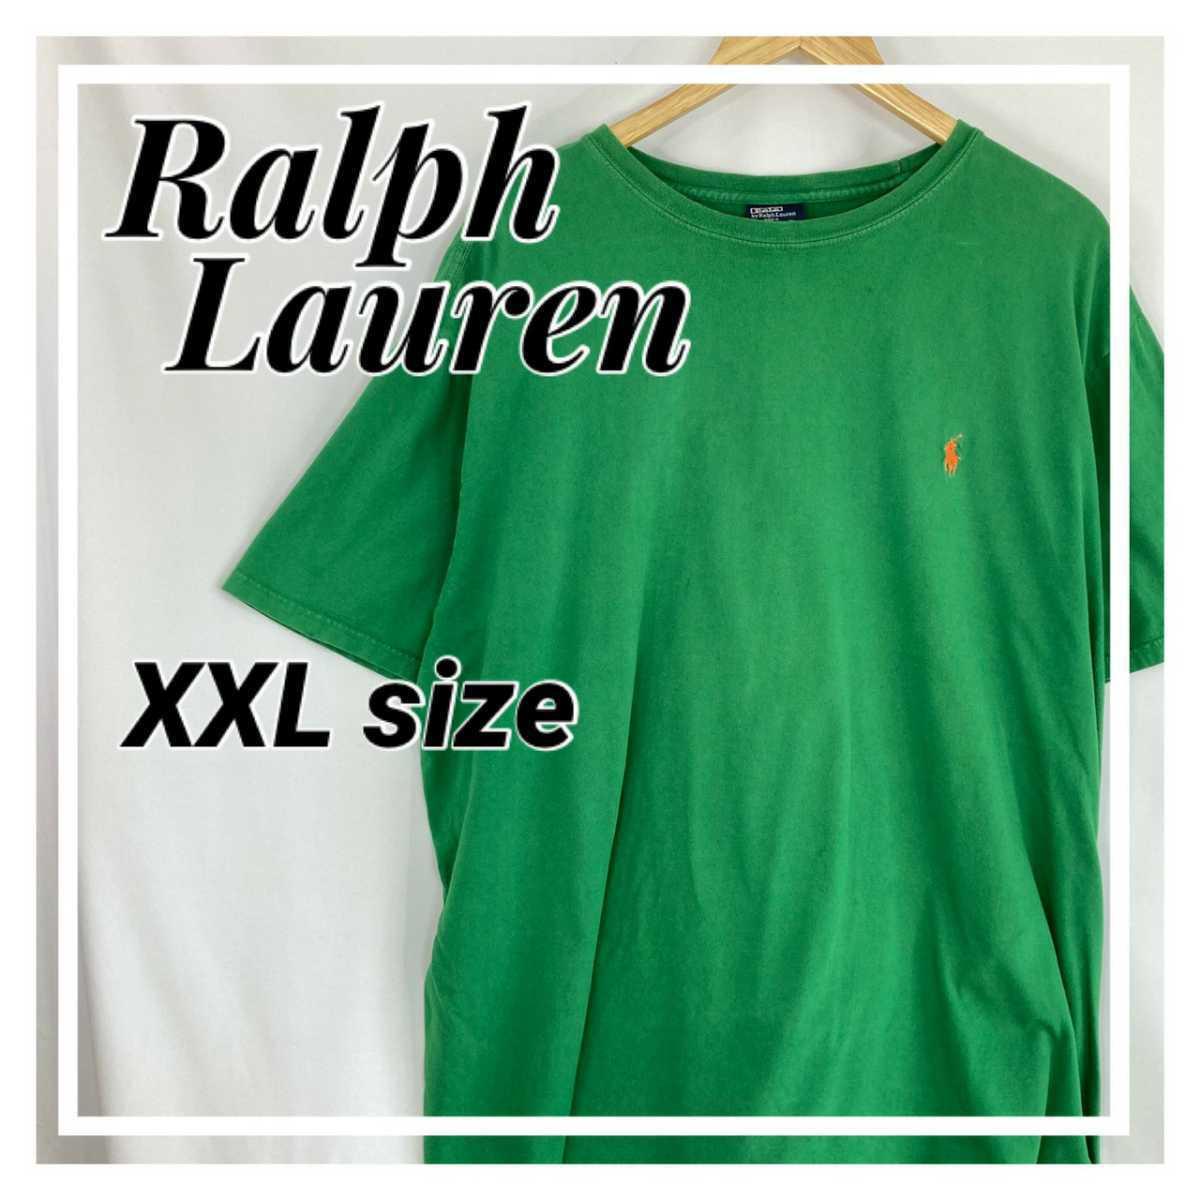 【人気カラー】ラルフローレン Tシャツ 刺繍ロゴ 緑 グリーン 古着 XXL_画像1